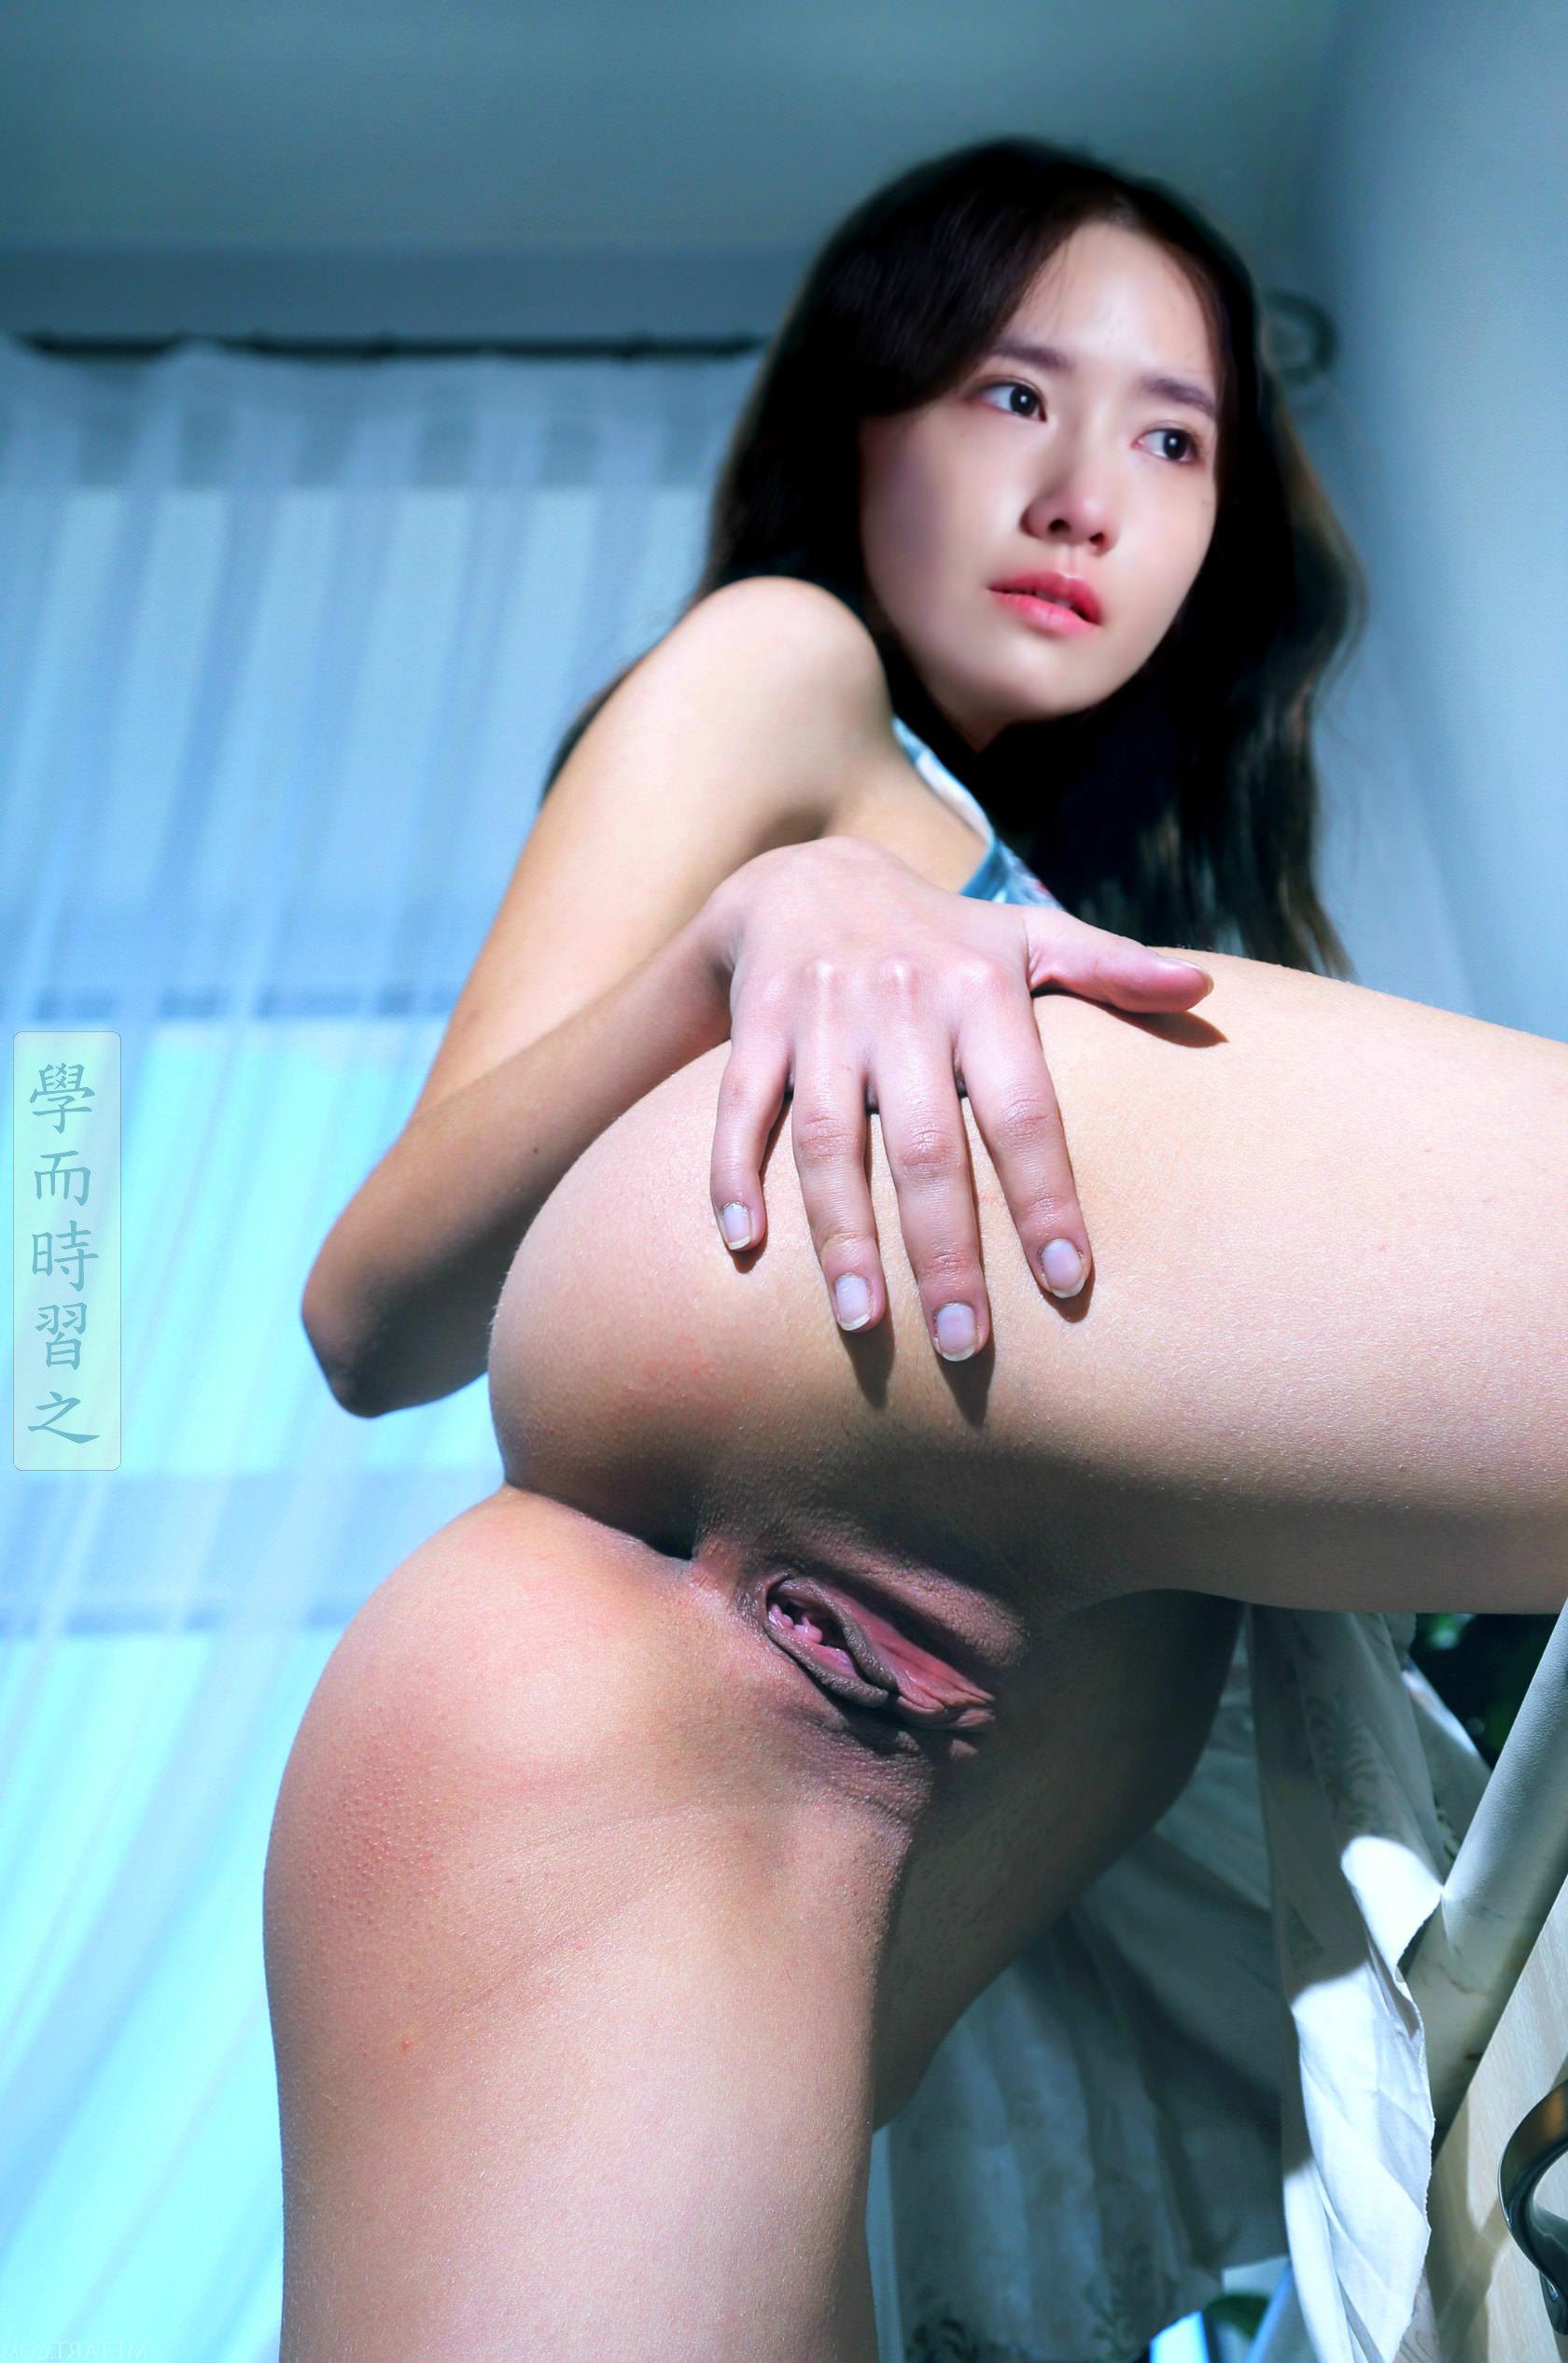 Yoona nude fake